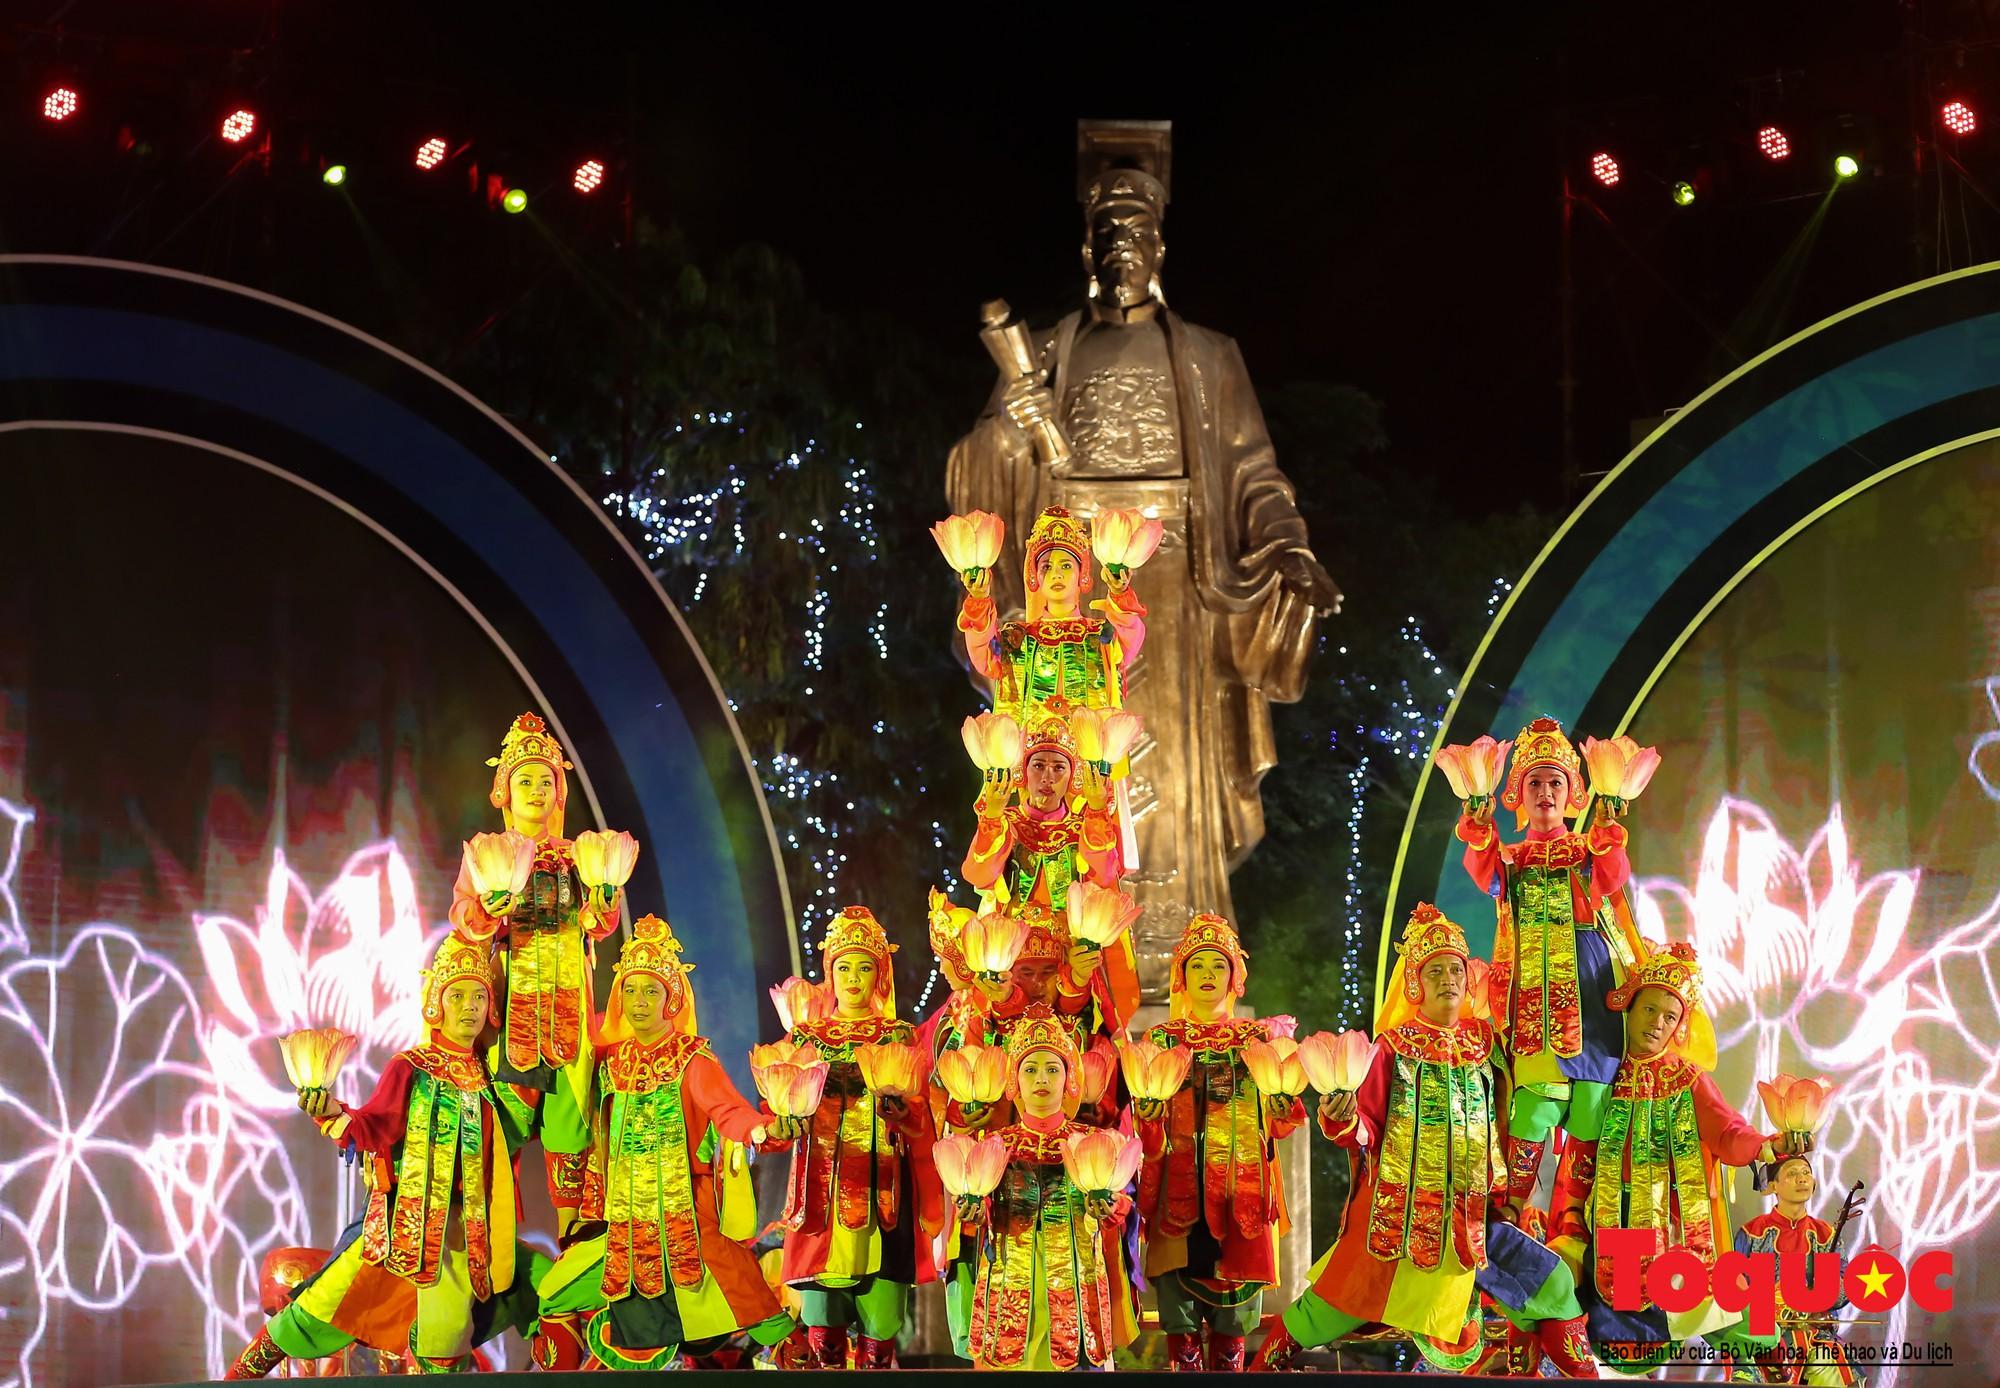 """Ấn tượng chương trình nghệ thuật kỷ niệm 20 năm Hà Nội - """"Thành phố Vì hòa bình"""" (2)"""